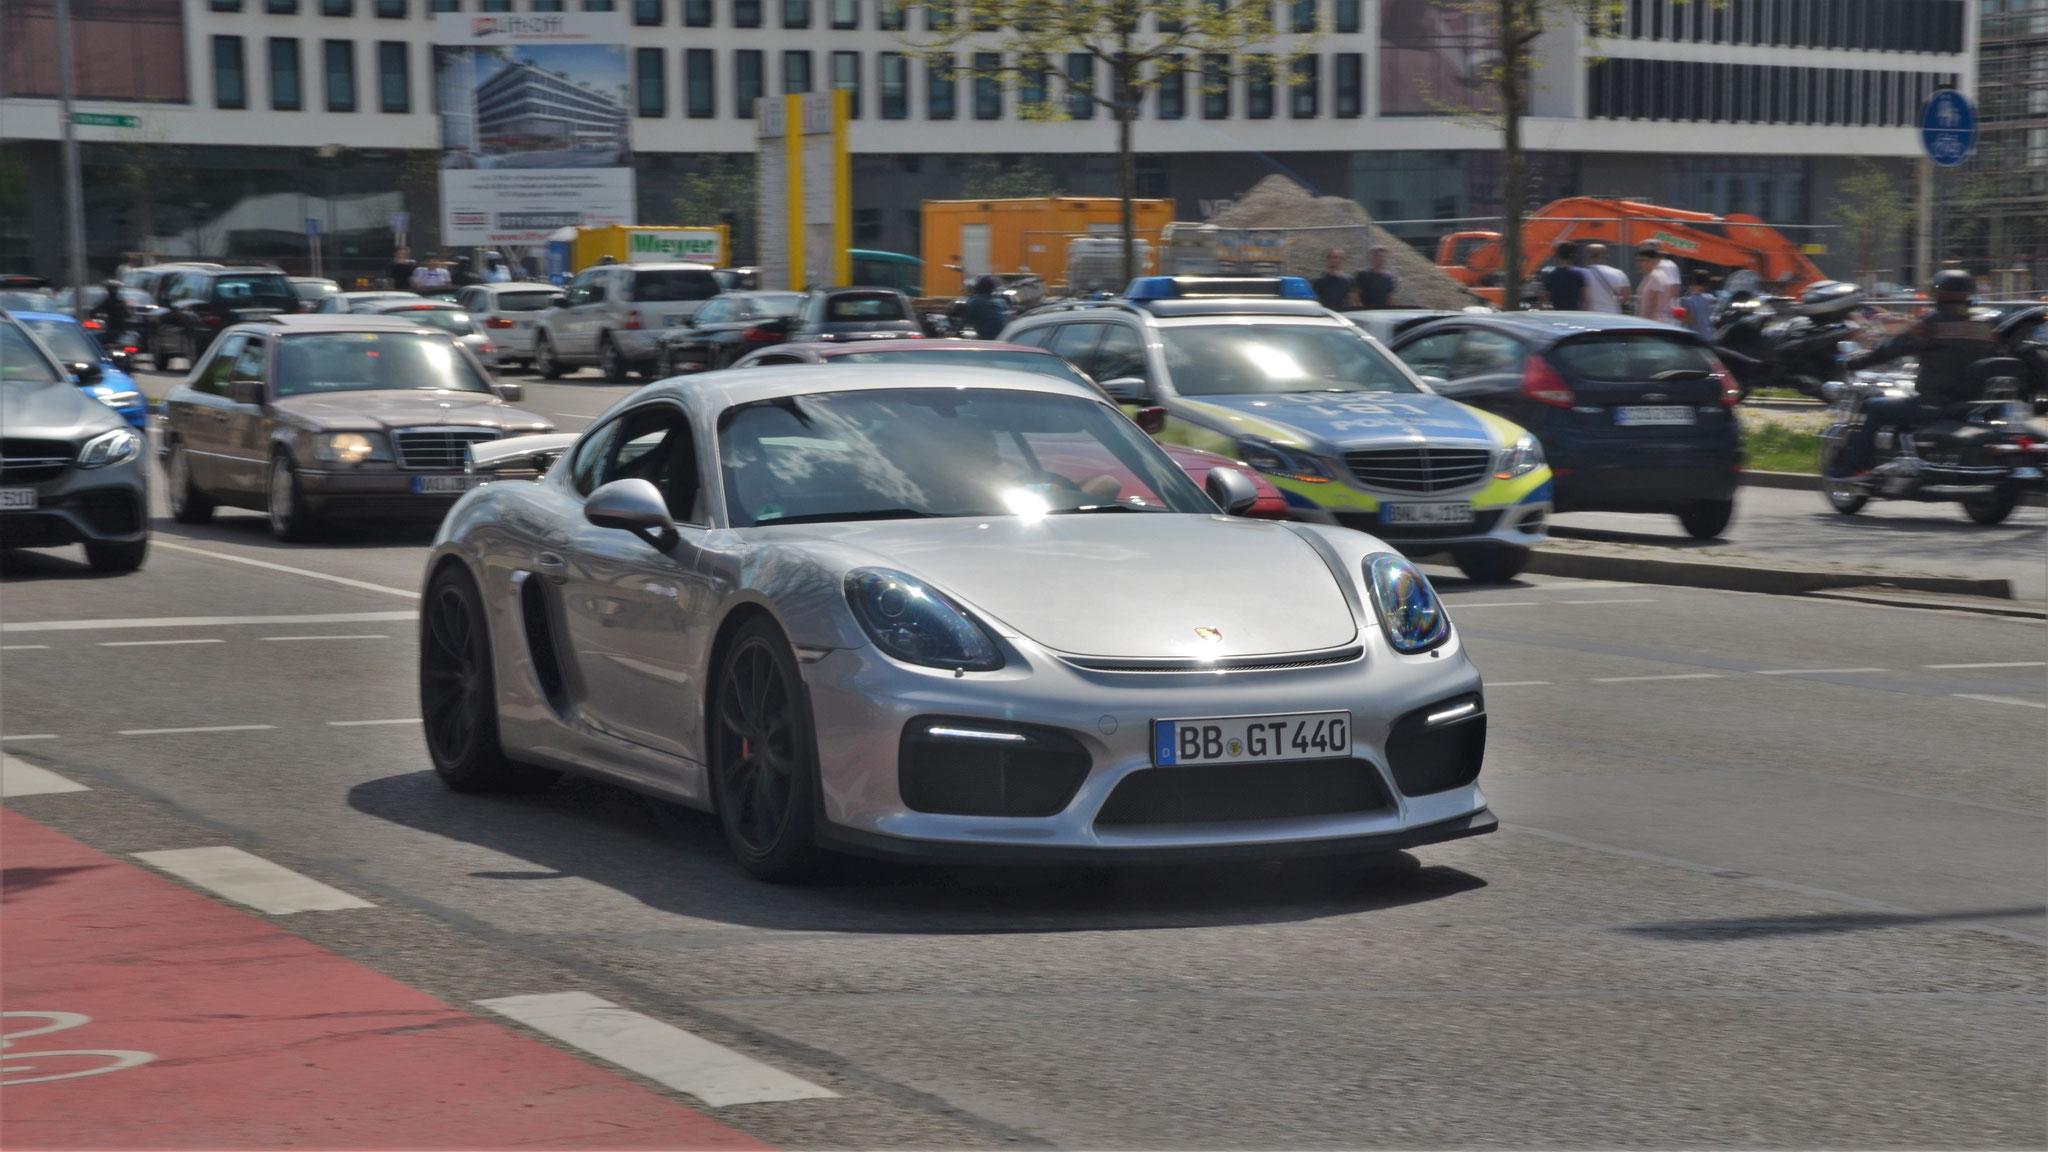 Porsche Cayman GT4 - BB-GT-440